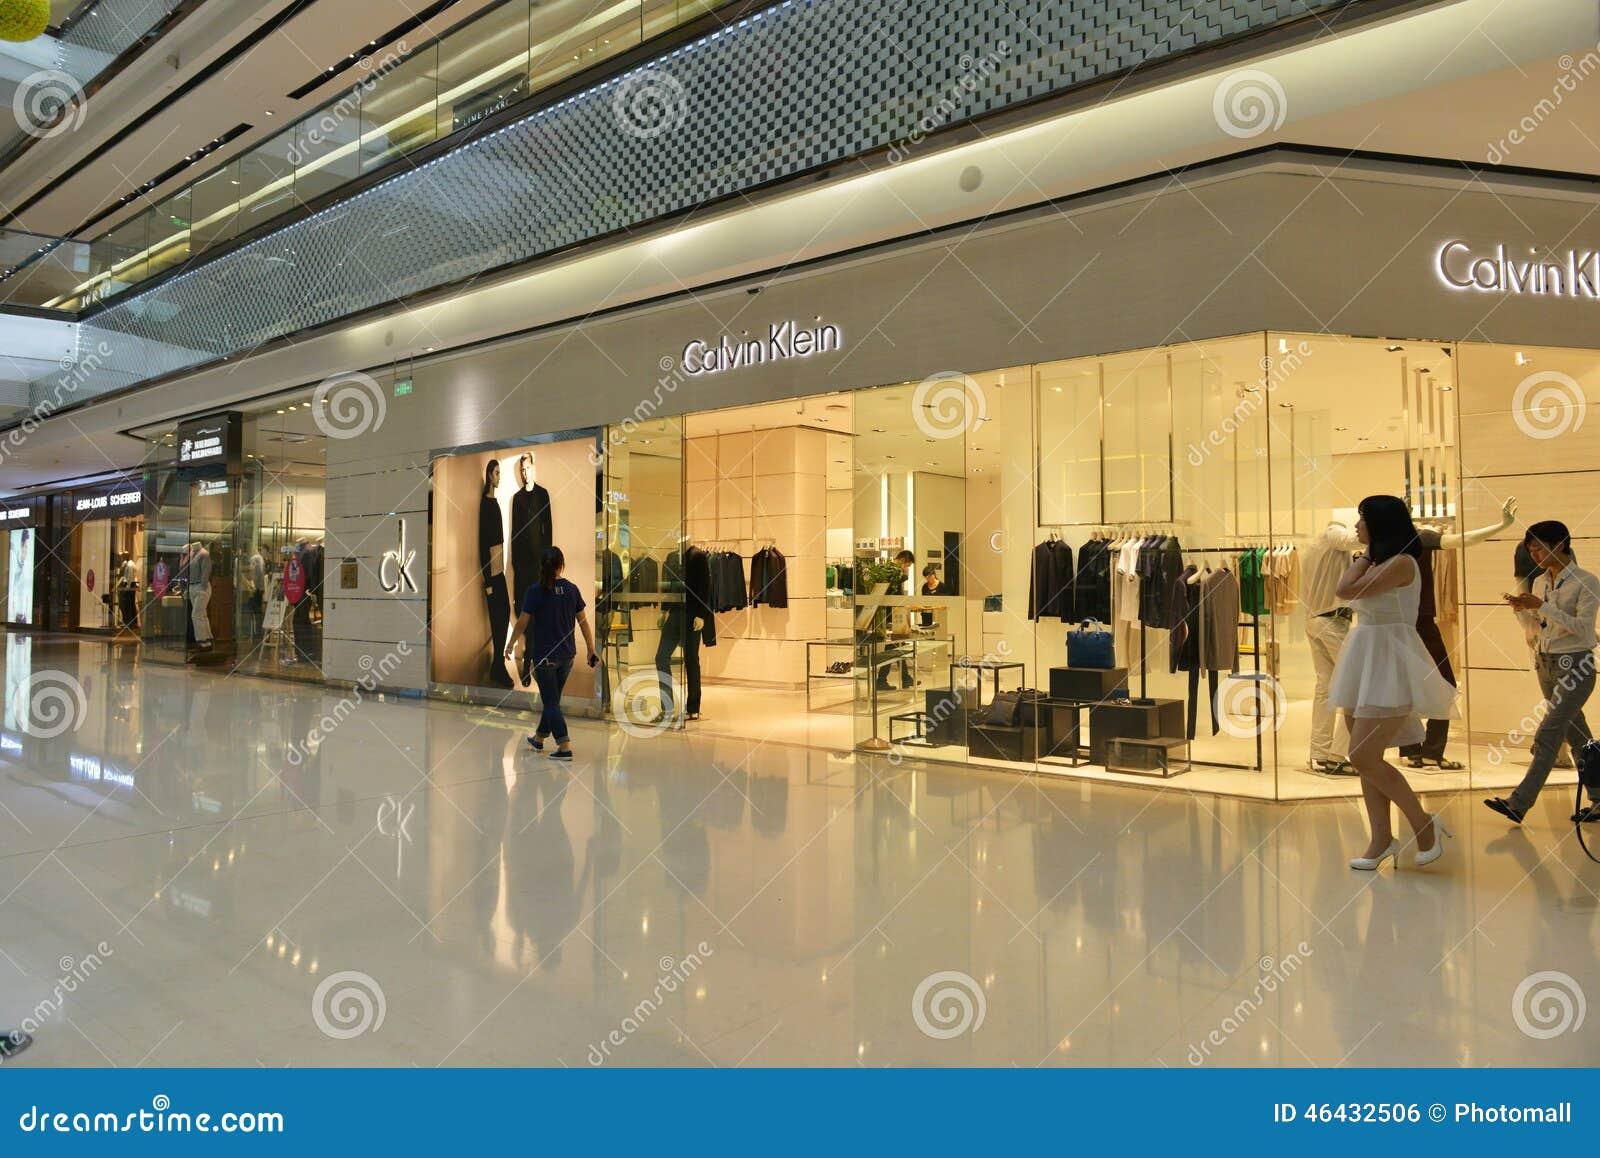 De opslagwinkel van de Ckï¼ ŒCalvin Klein Kleding in Tchang-cha Wanda Plaza, het winkelen